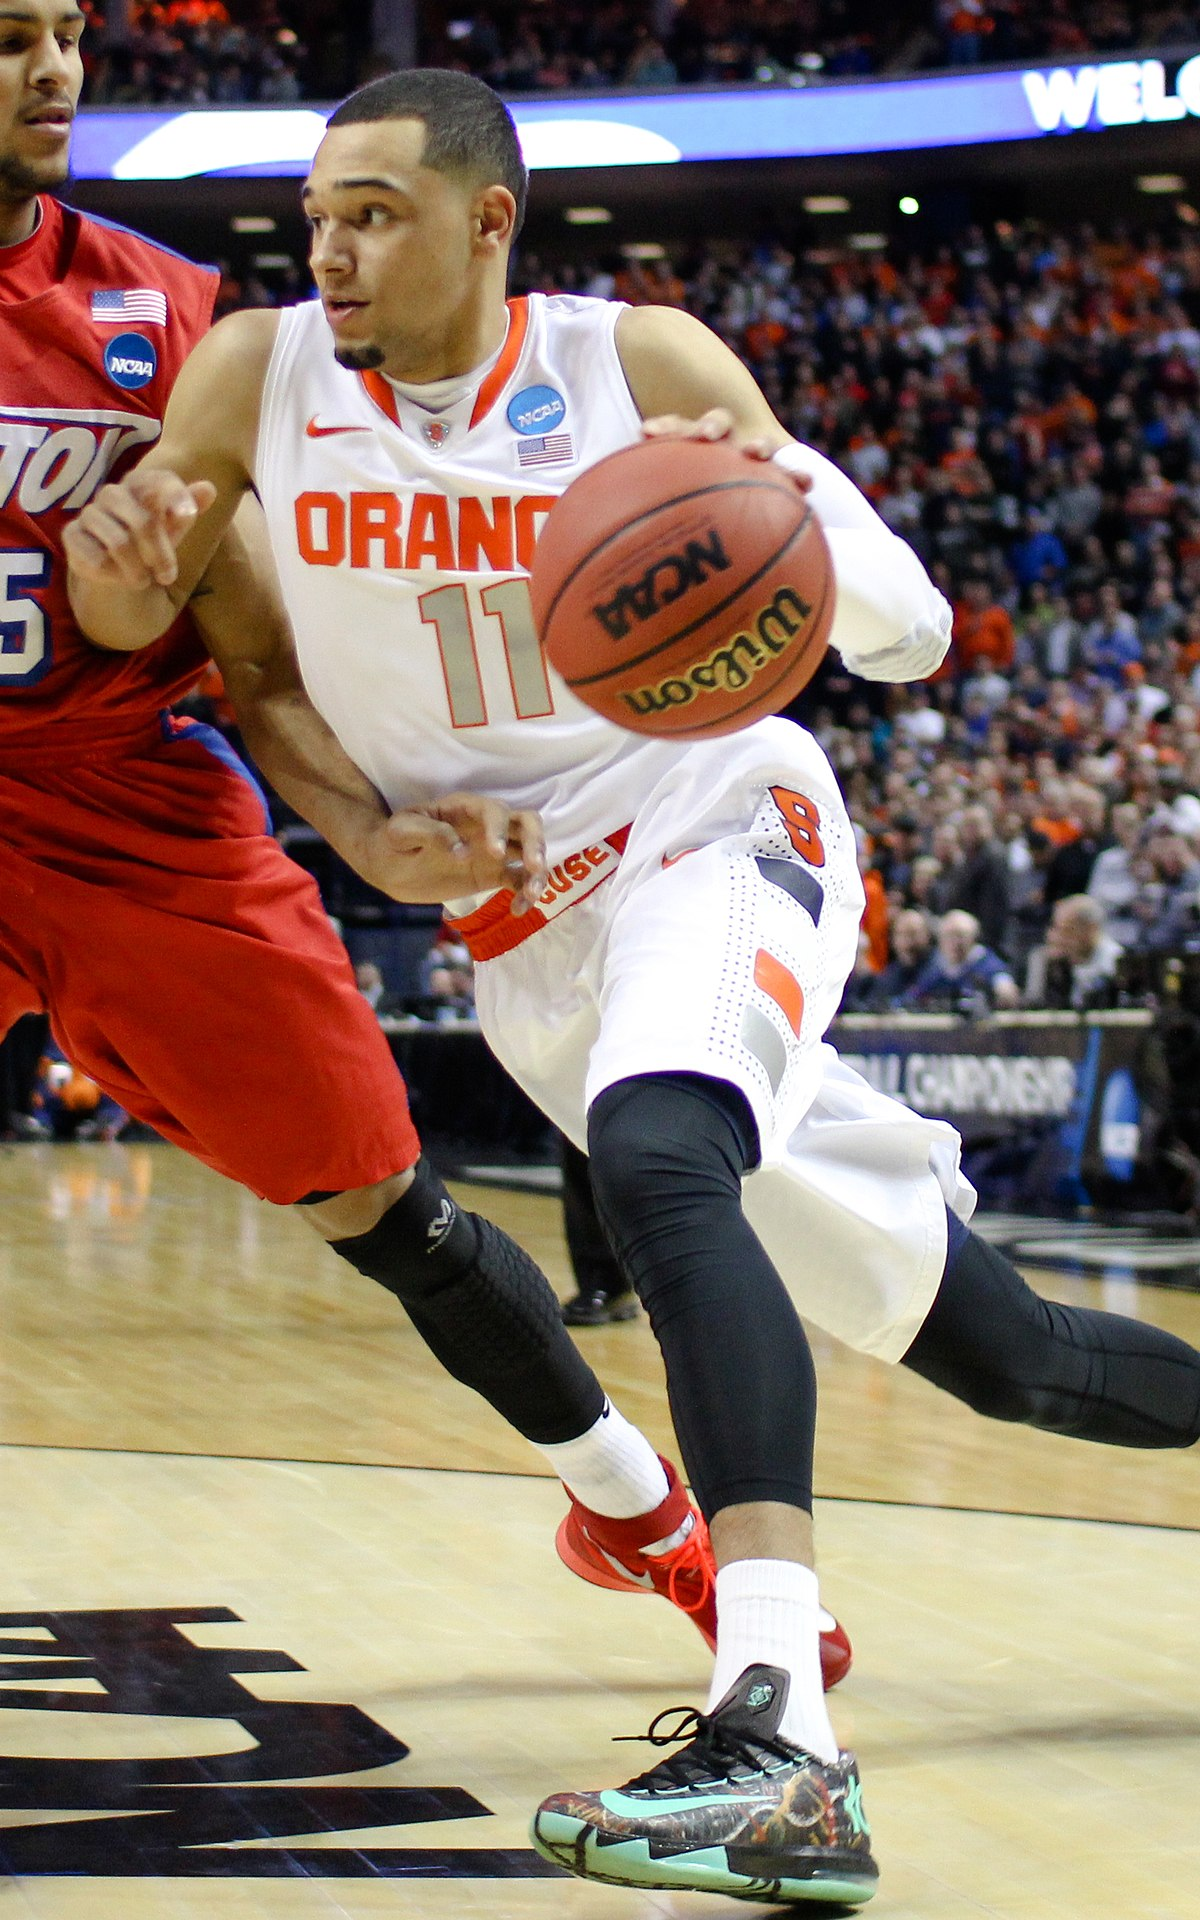 All Nba Basketball Players Shoes